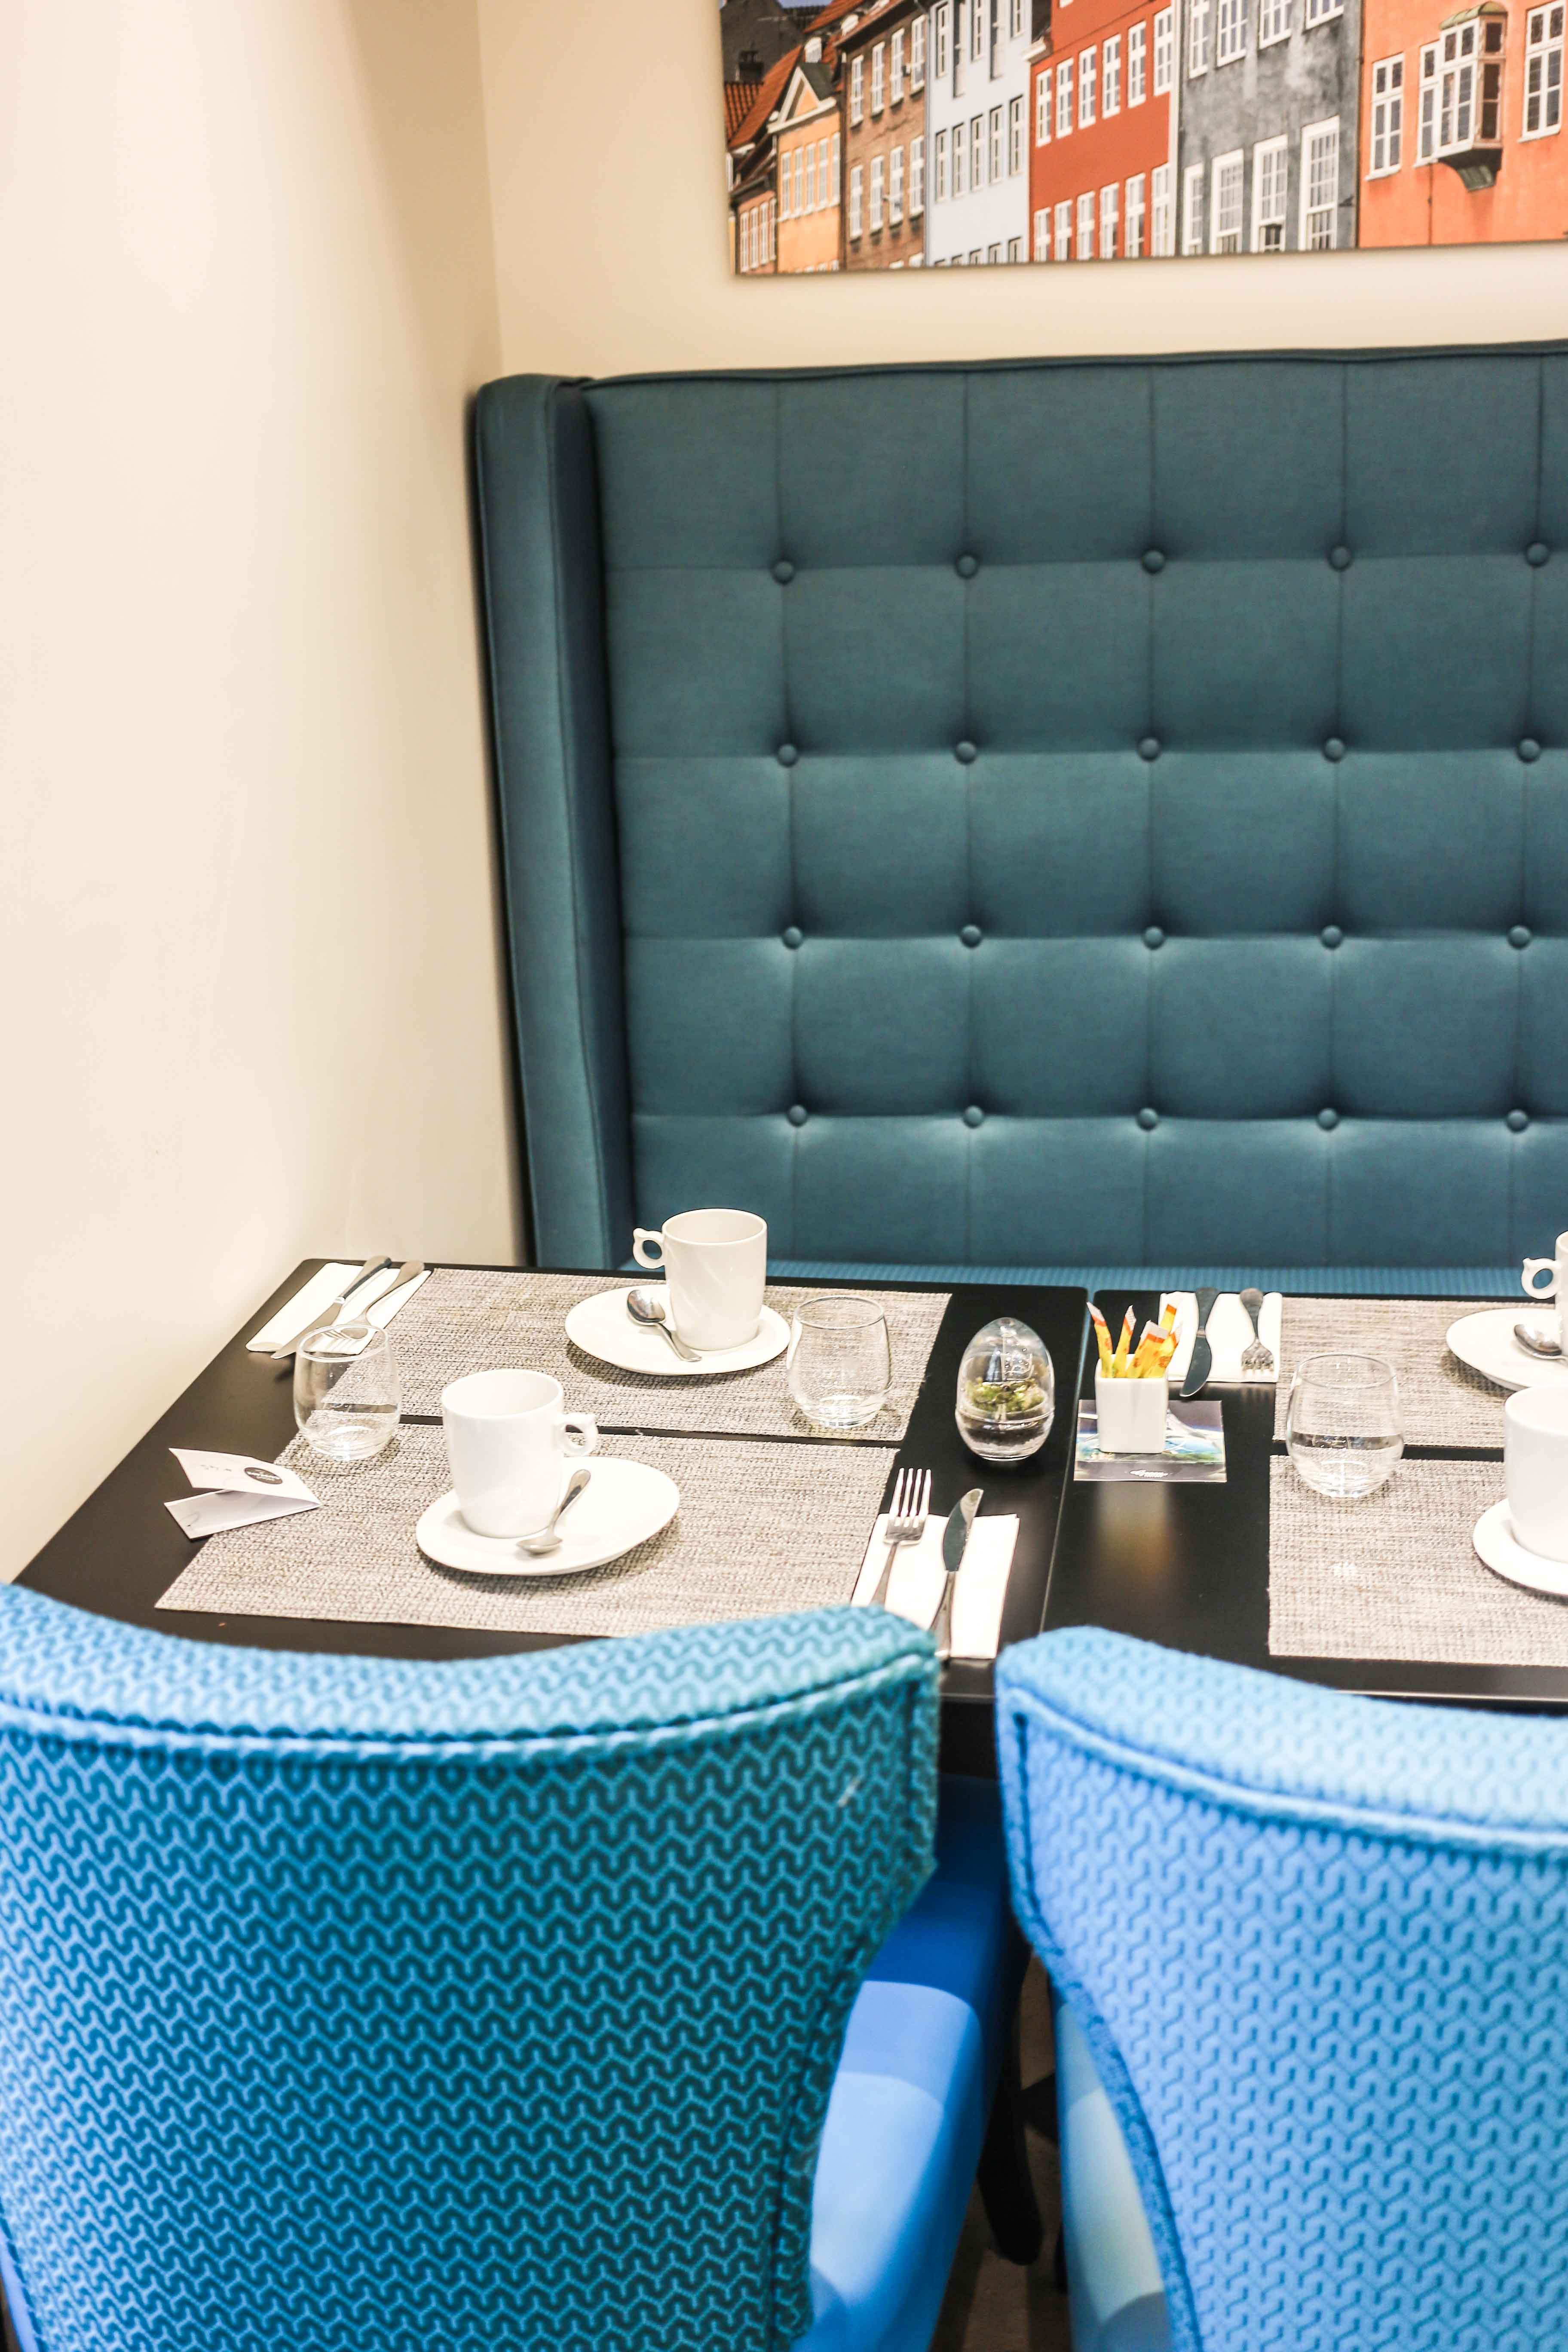 hotel-gustave-4-sterne-hotel-paris-eiffelturm-lage-erfahrung-bericht-reiseblog-travelblog_0761